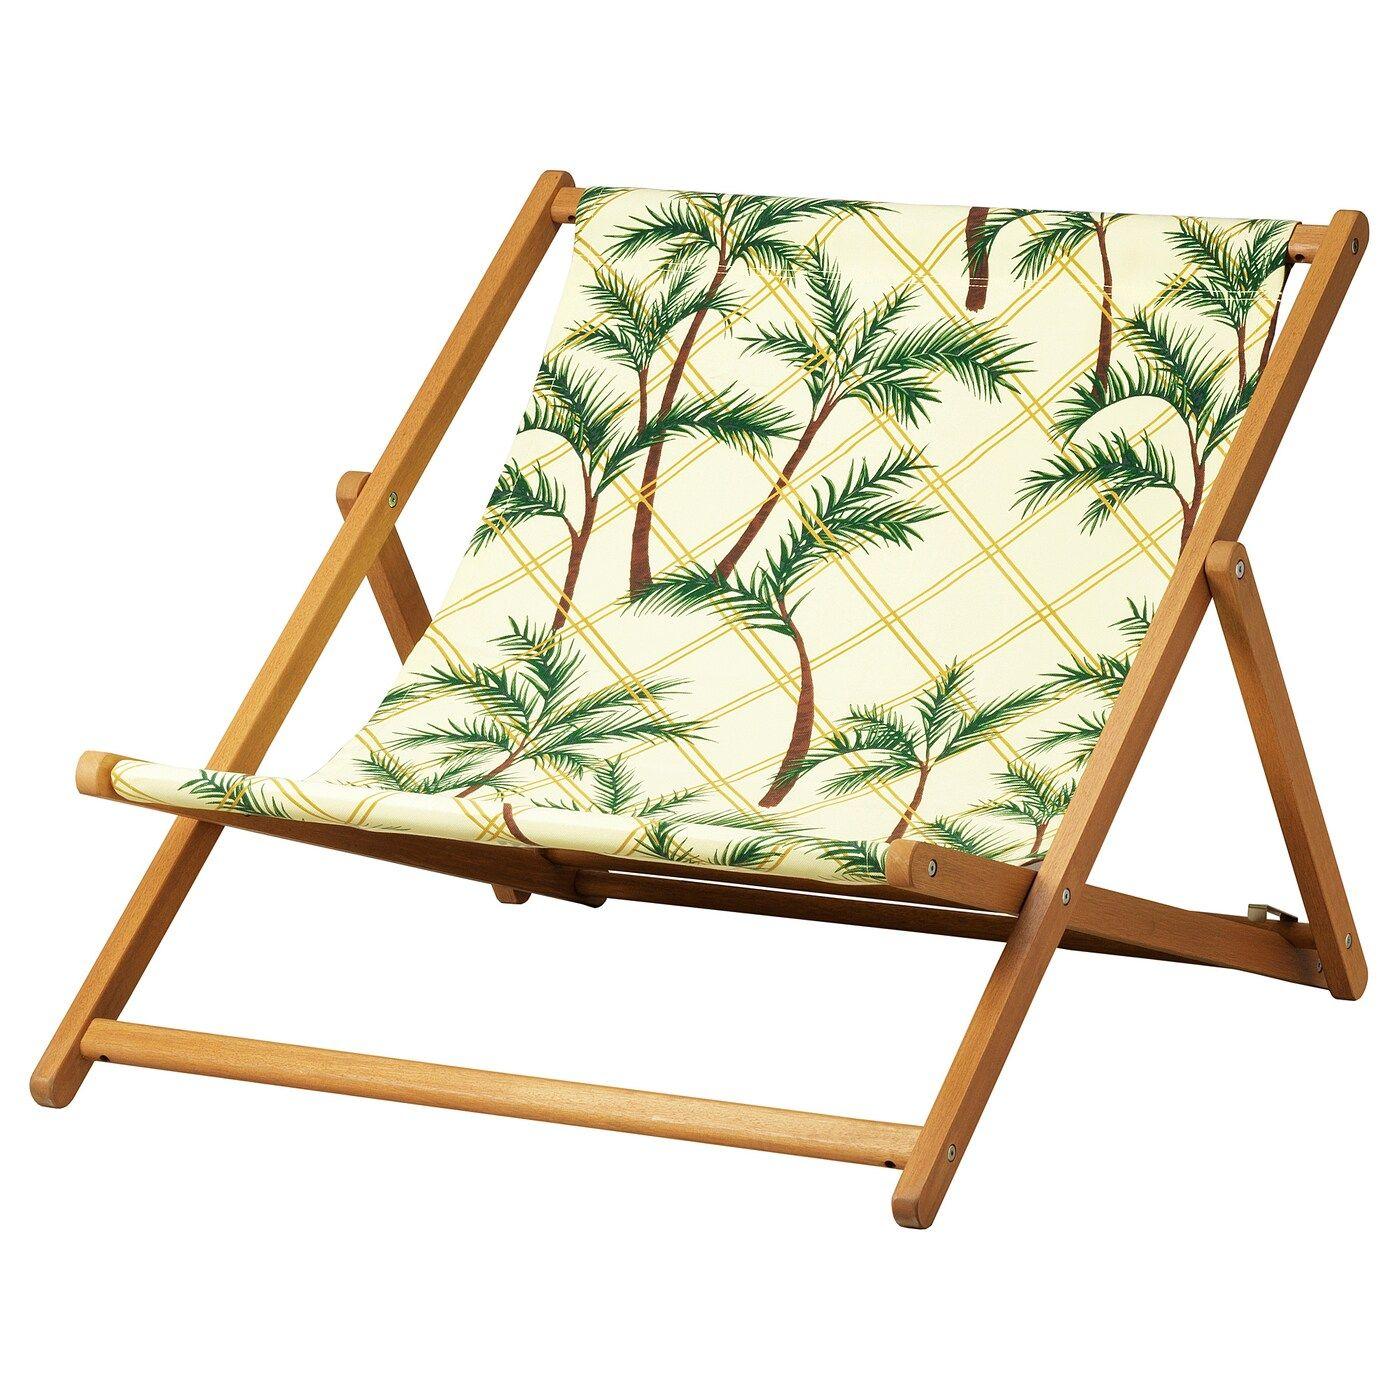 Full Size of Liegestuhl Klappbar Ikea Strandstuhl Holz Bett Ausklappbar Sofa Mit Schlaffunktion Küche Kaufen Kosten Betten Bei Garten 160x200 Modulküche Ausklappbares Wohnzimmer Liegestuhl Klappbar Ikea